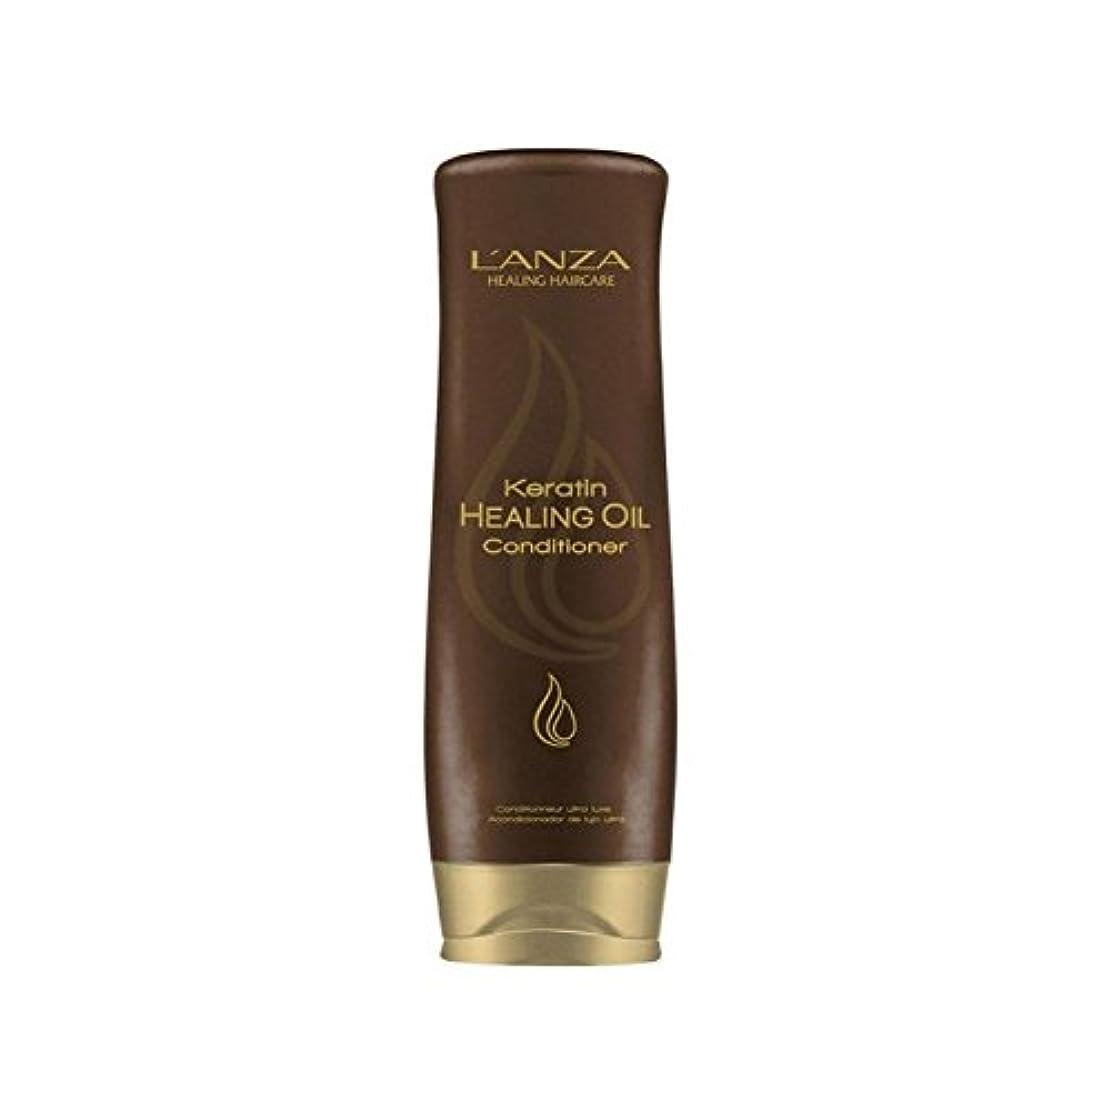 石膏寸前専門知識L'Anza Keratin Healing Oil Conditioner (250ml) - アンザケラチンオイルコンディショナー(250ミリリットル)を癒し [並行輸入品]